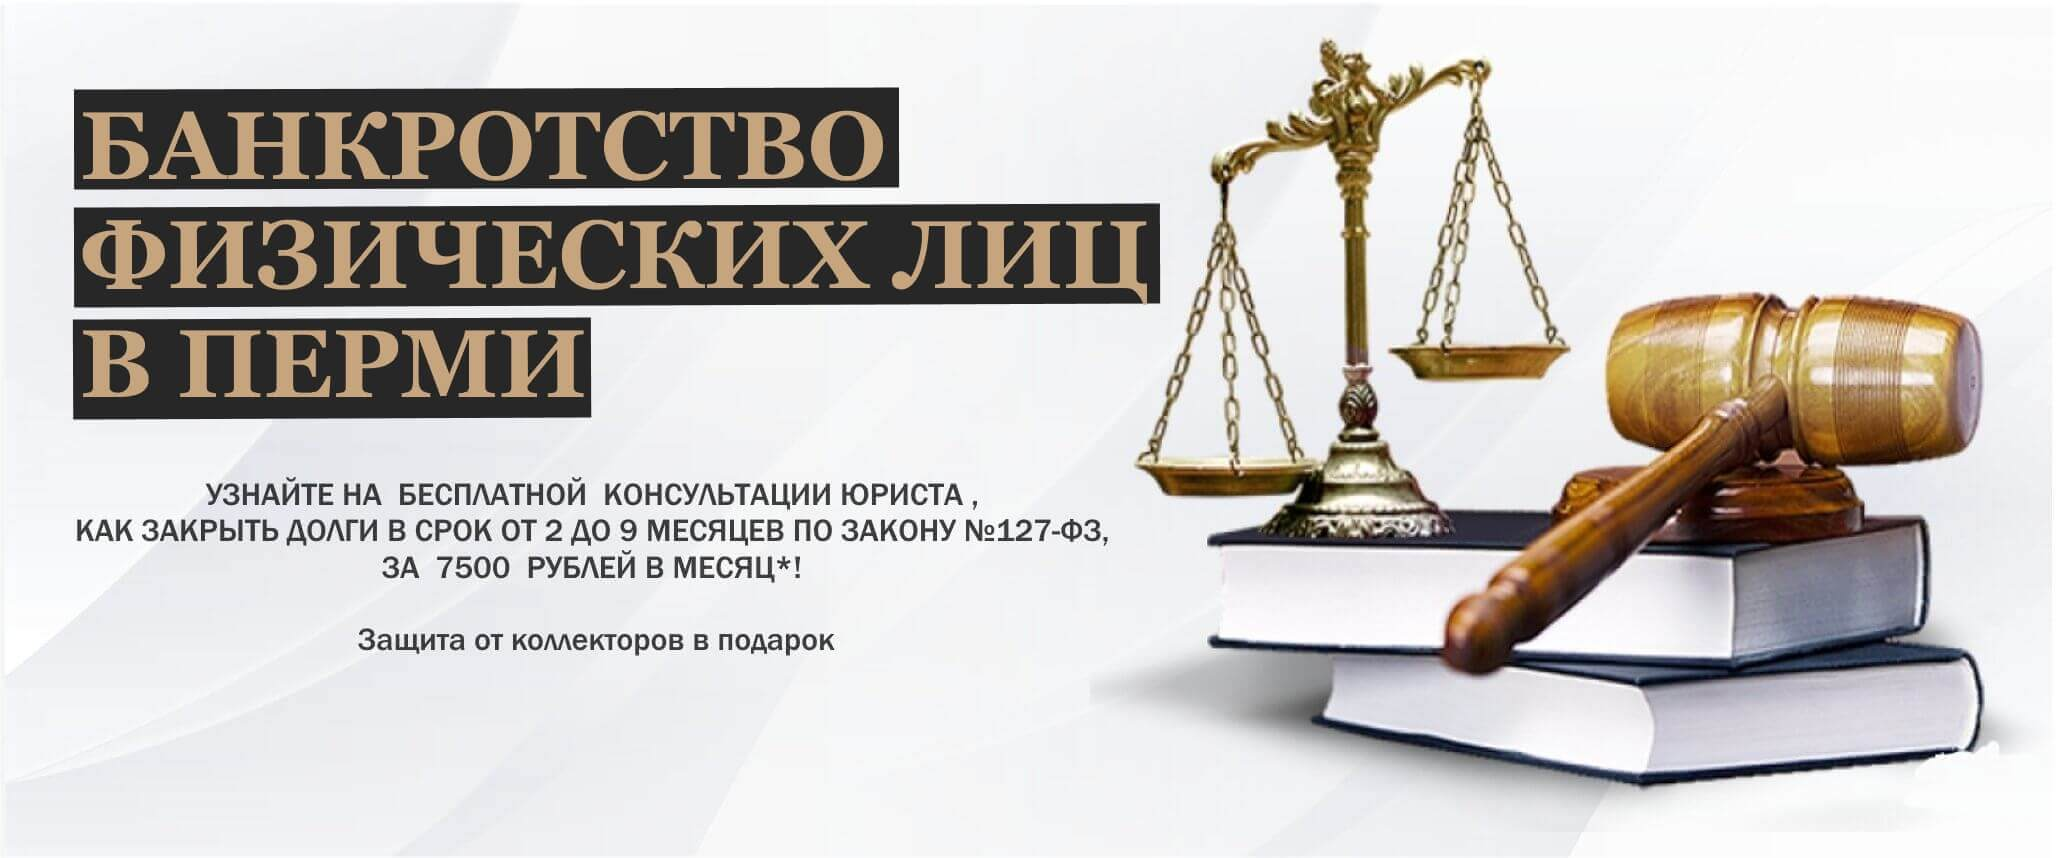 Пермь банкротство физ лиц приставами арестованы счета как снять арест